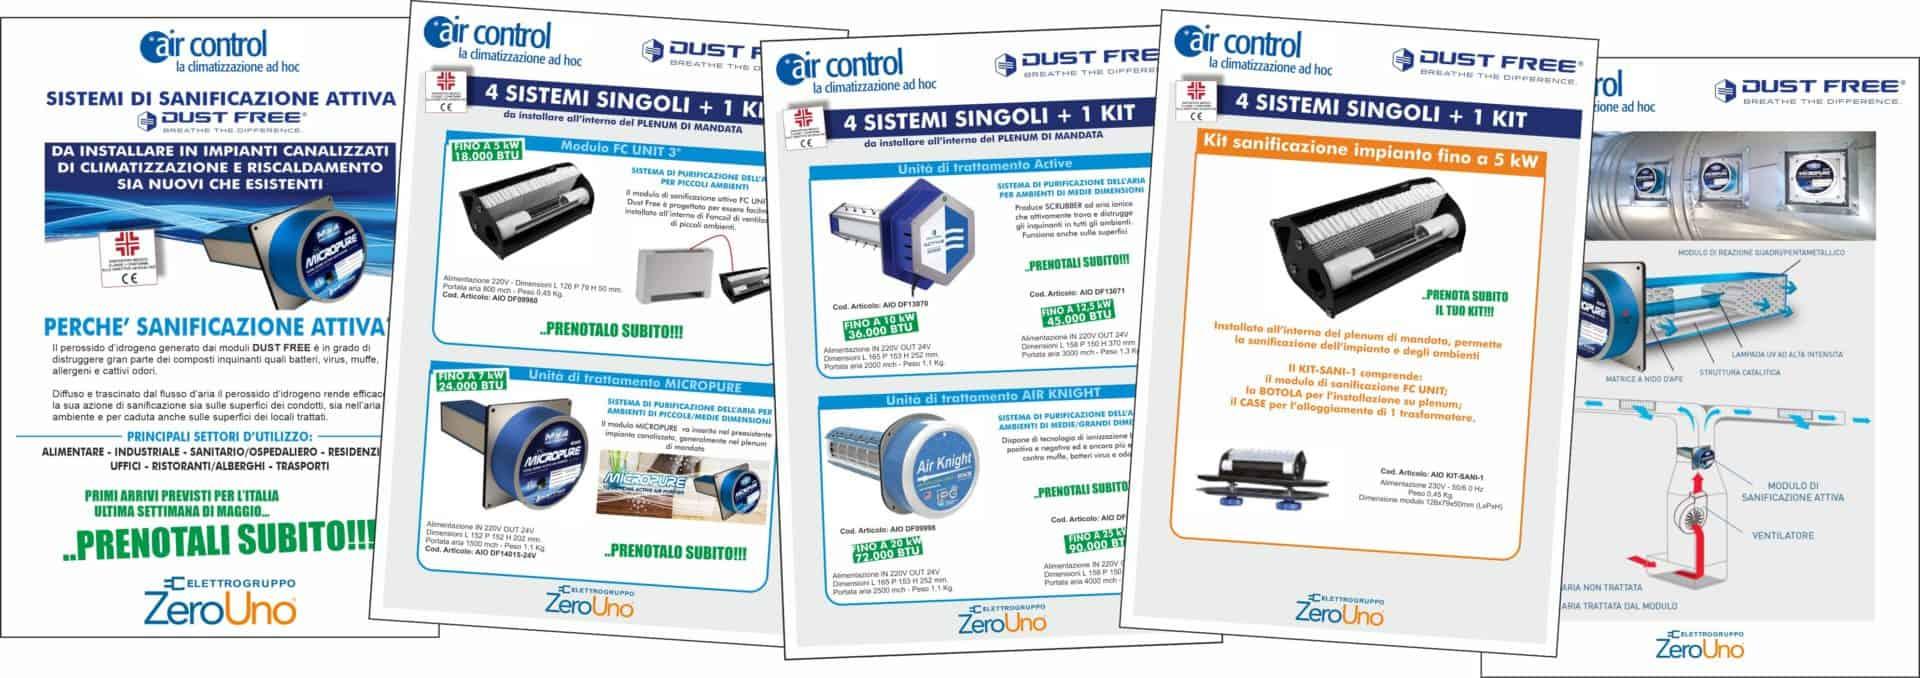 Sistemi di sanificazione attiva Dust Free   Elettrogruppo ZeroUno   TO   SISTEMI SANIFICAZIONE AIR CONTROL